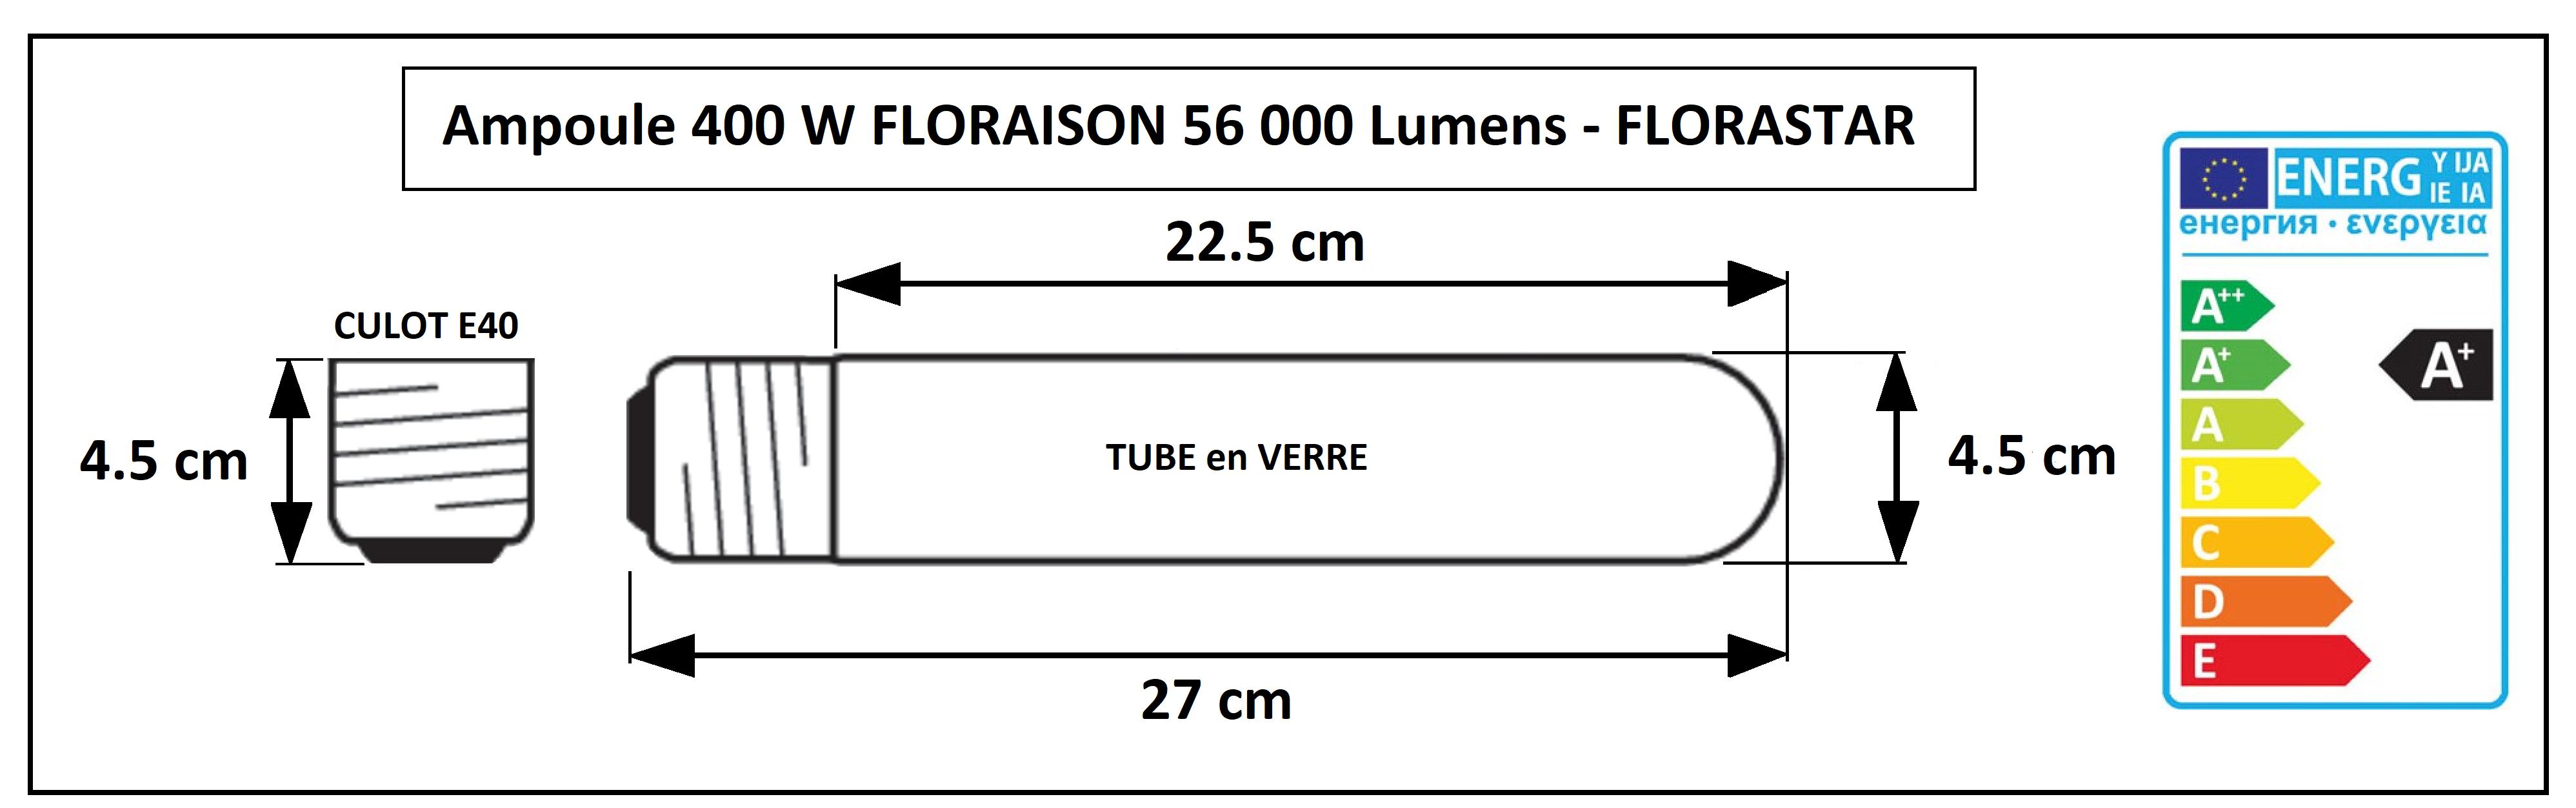 Dimensions de l'ampoule super floraison 400W Florastar